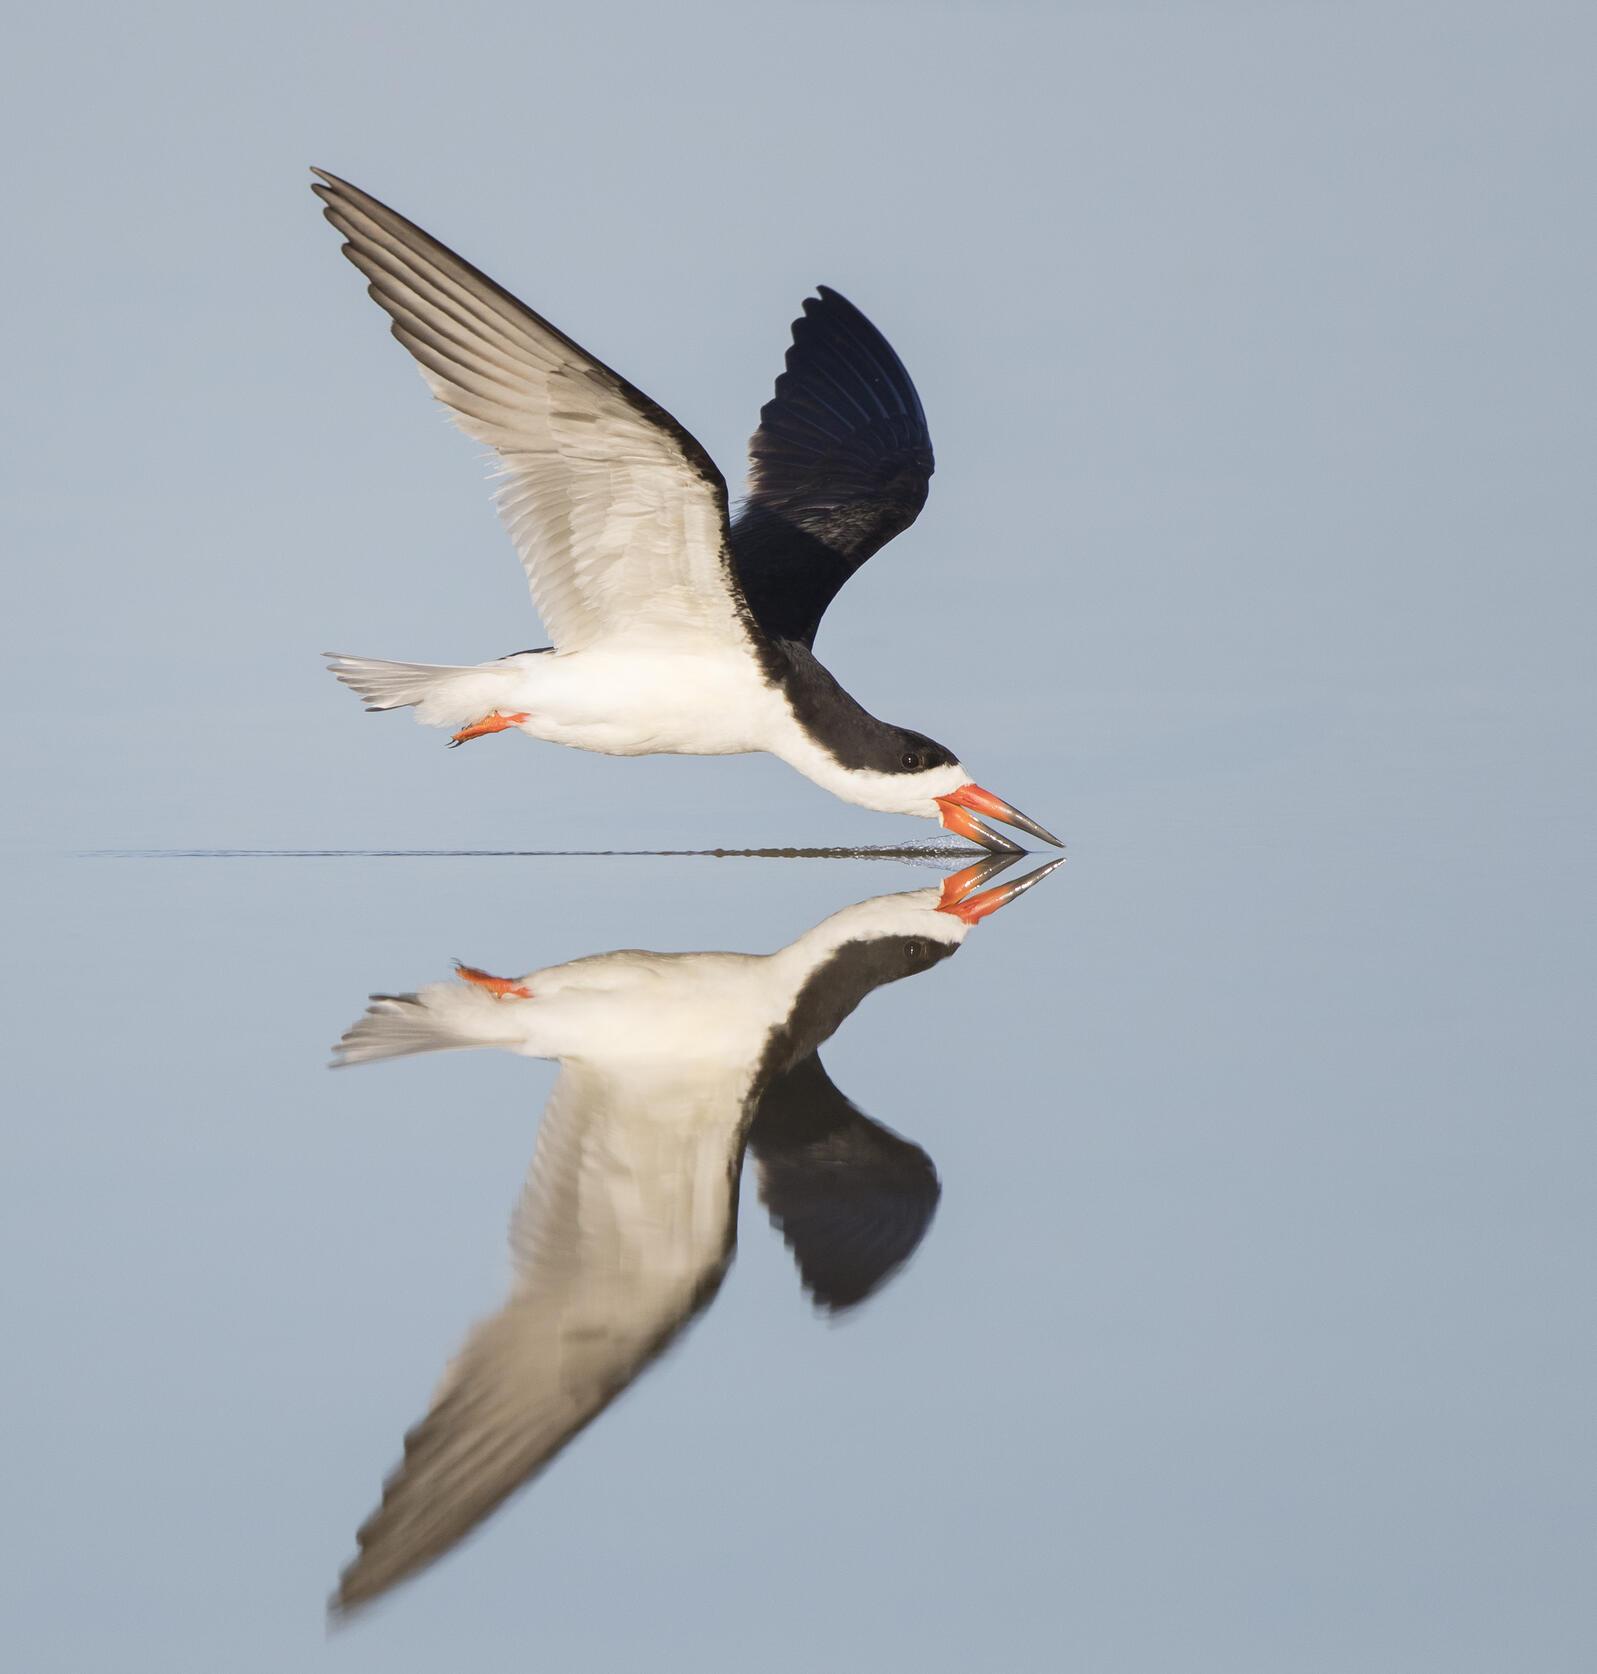 Black Skimmer. Black Skimmer. Teresa Hedden/Audubon Photography Awards